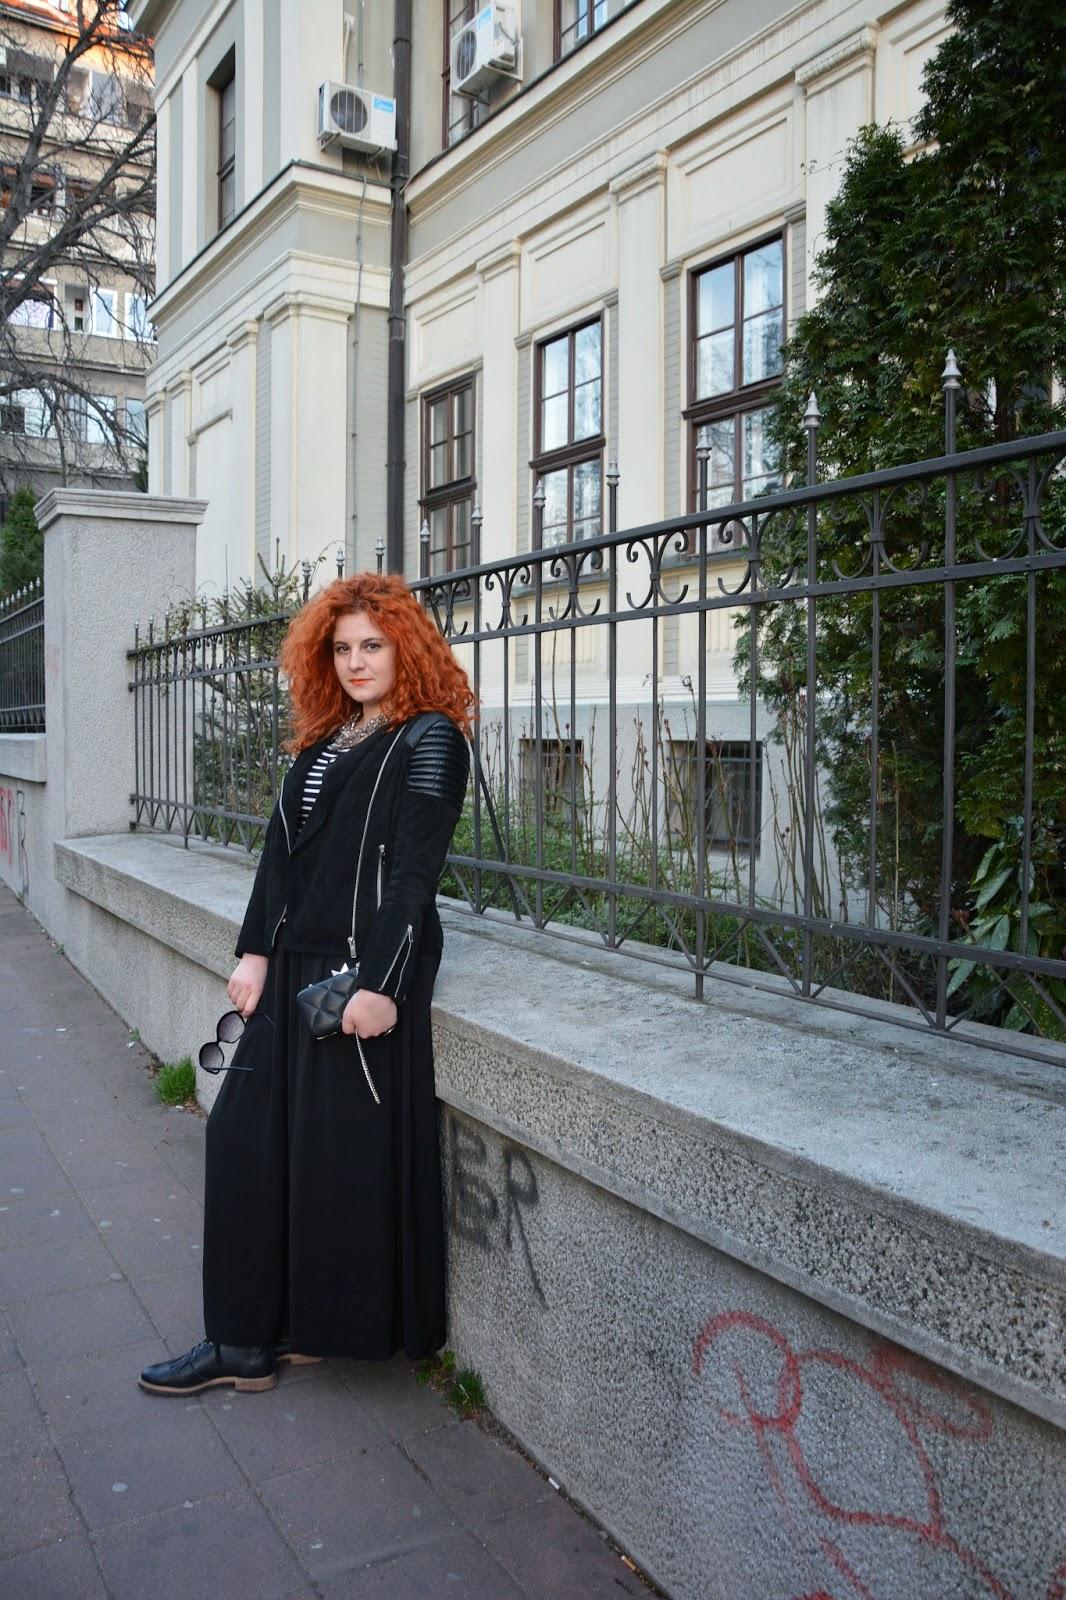 nikon 005 Modne blogerke: Najbolji modni stil nedelje